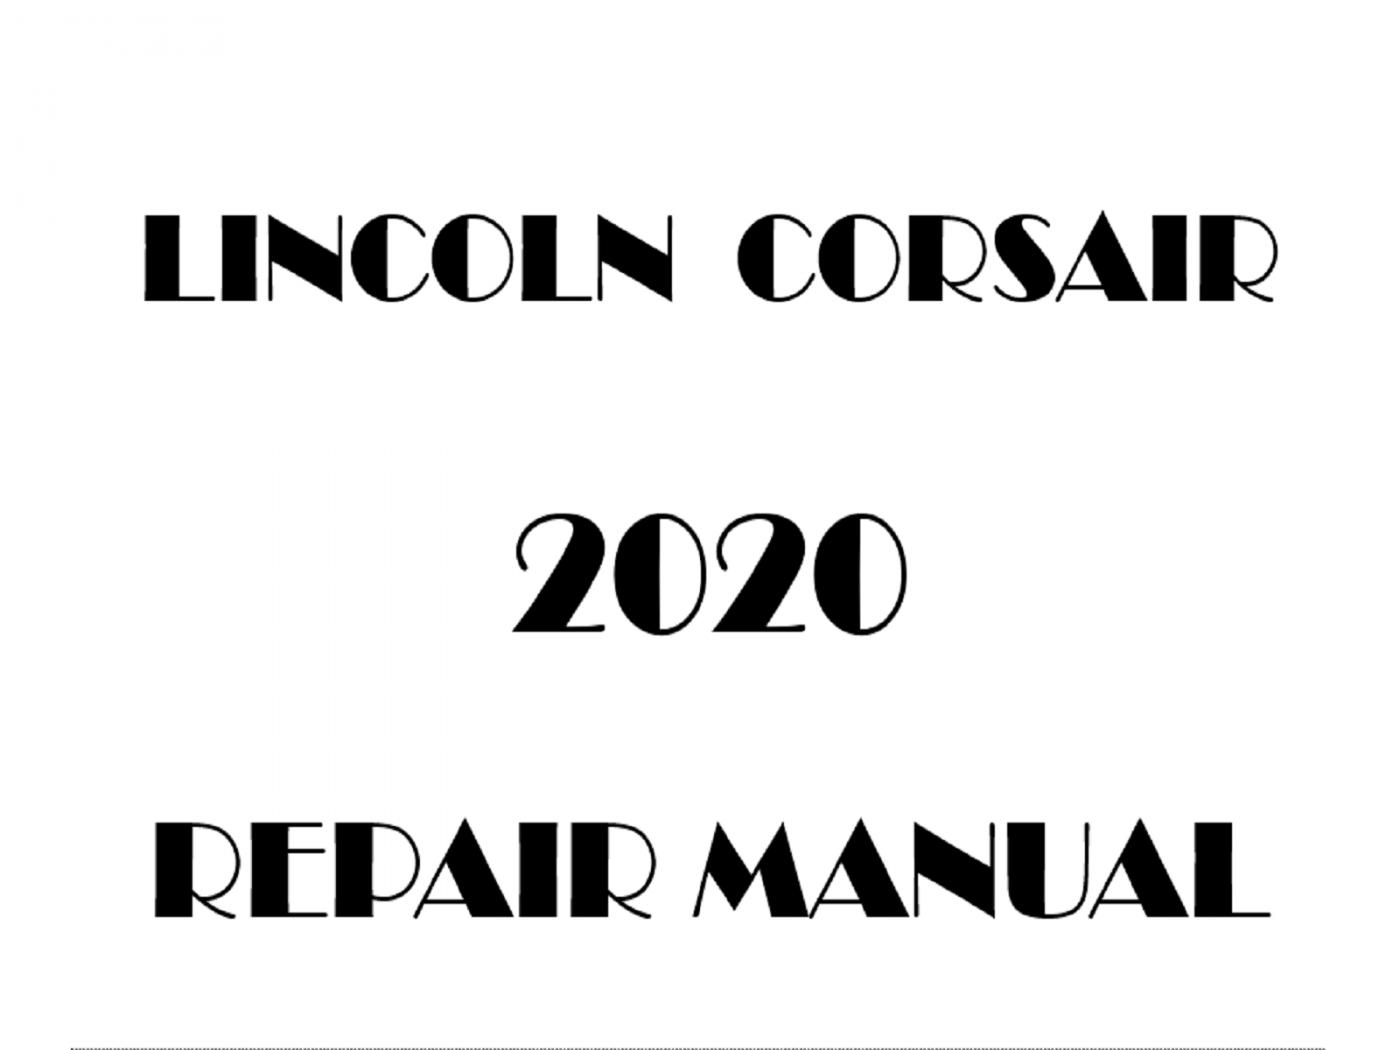 Lincoln Corsair Factory Repair Manual